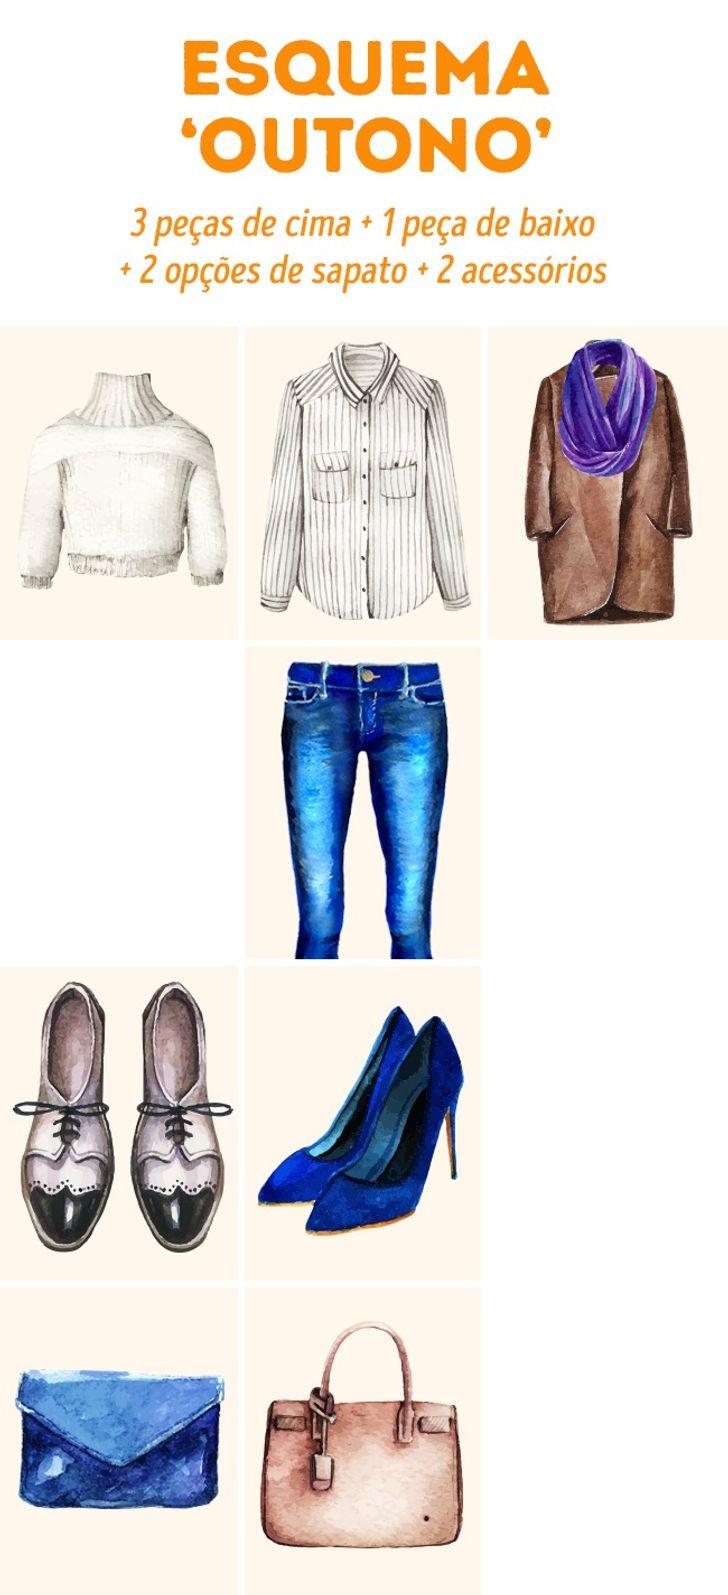 Umjeito simples dedescobrir sevocê tem roupas suficientes